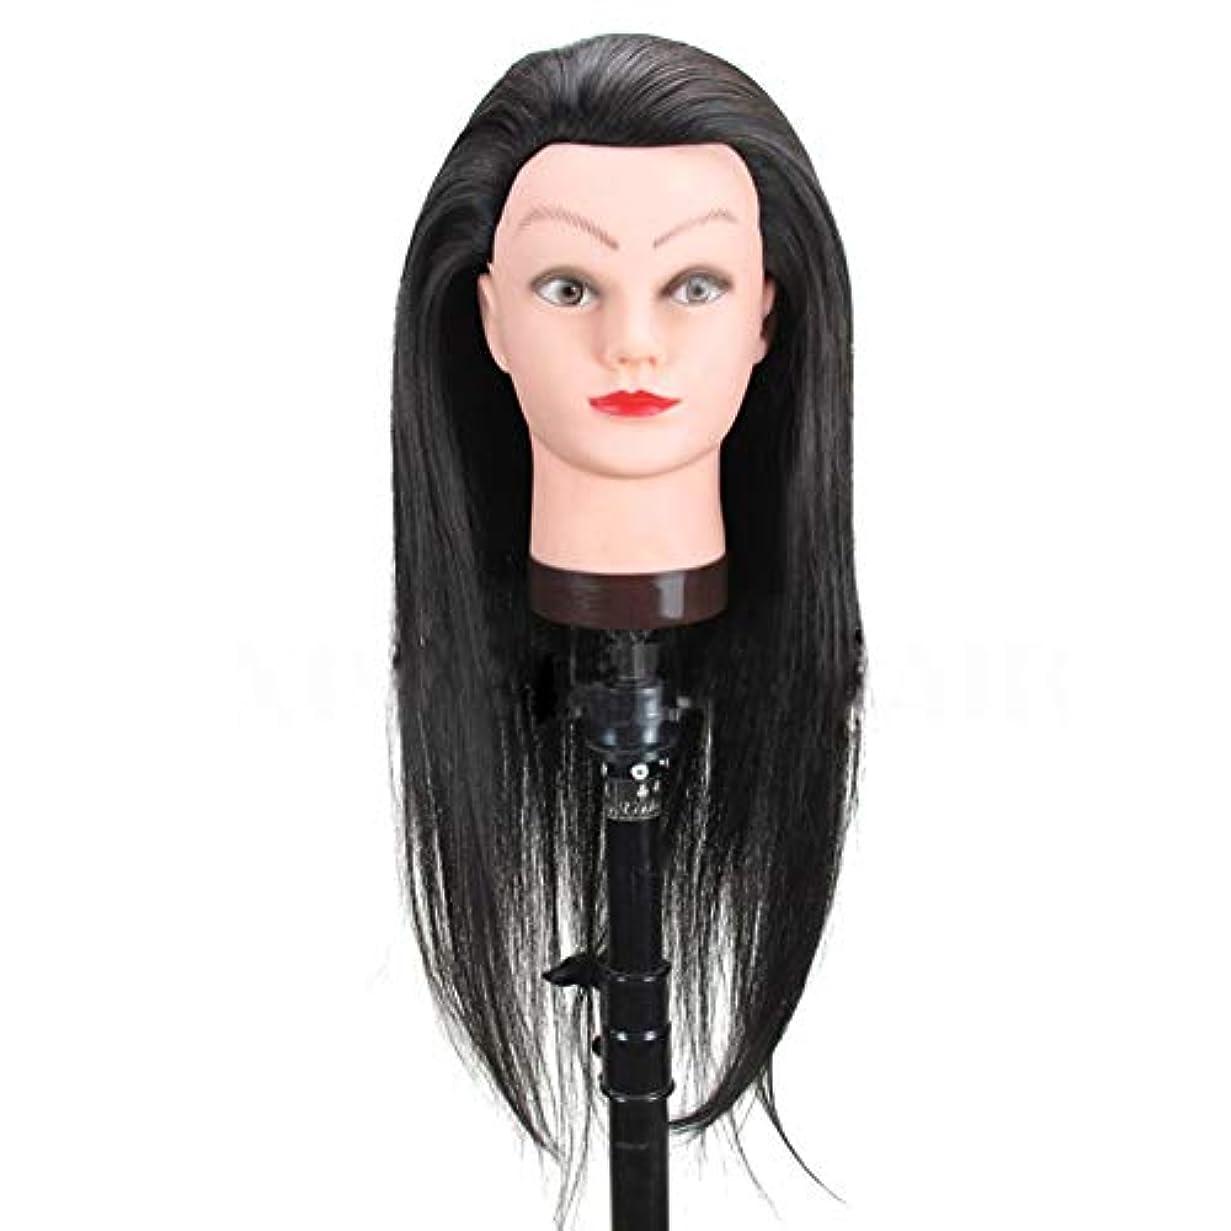 関係するシェルター忠誠Hairdressing Practice Head Model Braided Hair Training Head Head Barbershop Haircut Learning Dummy Mannequin Head.